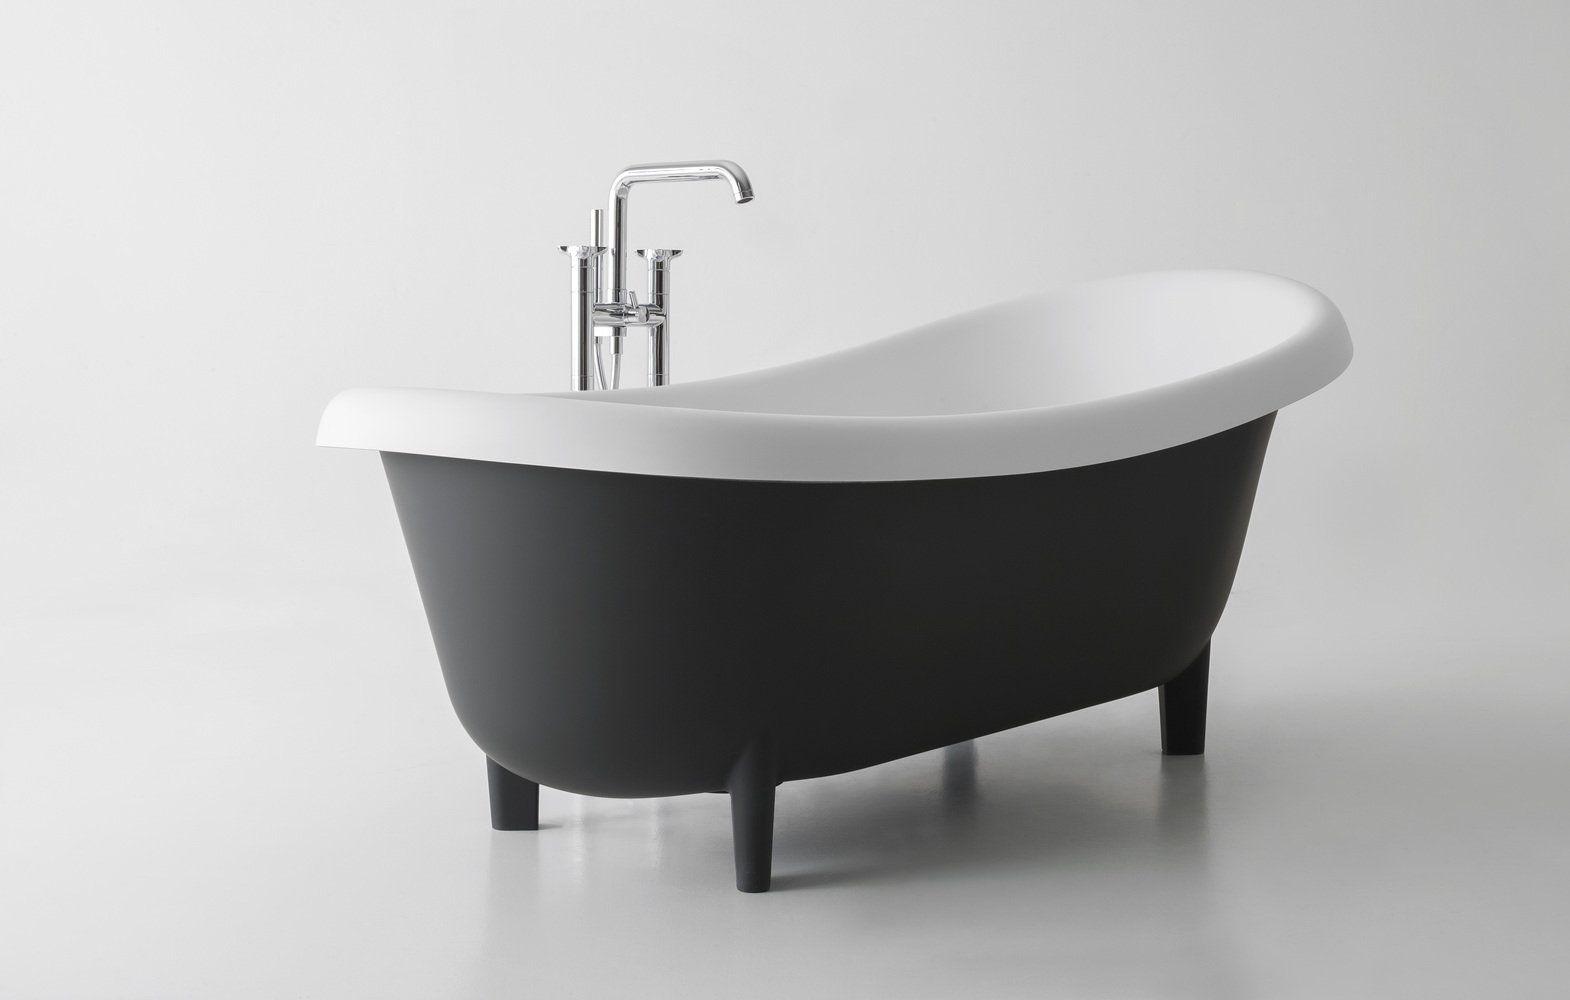 Vasca Da Bagno Lupi : Vasca da #bagno suite bicolore di antonio lupi design vasche da